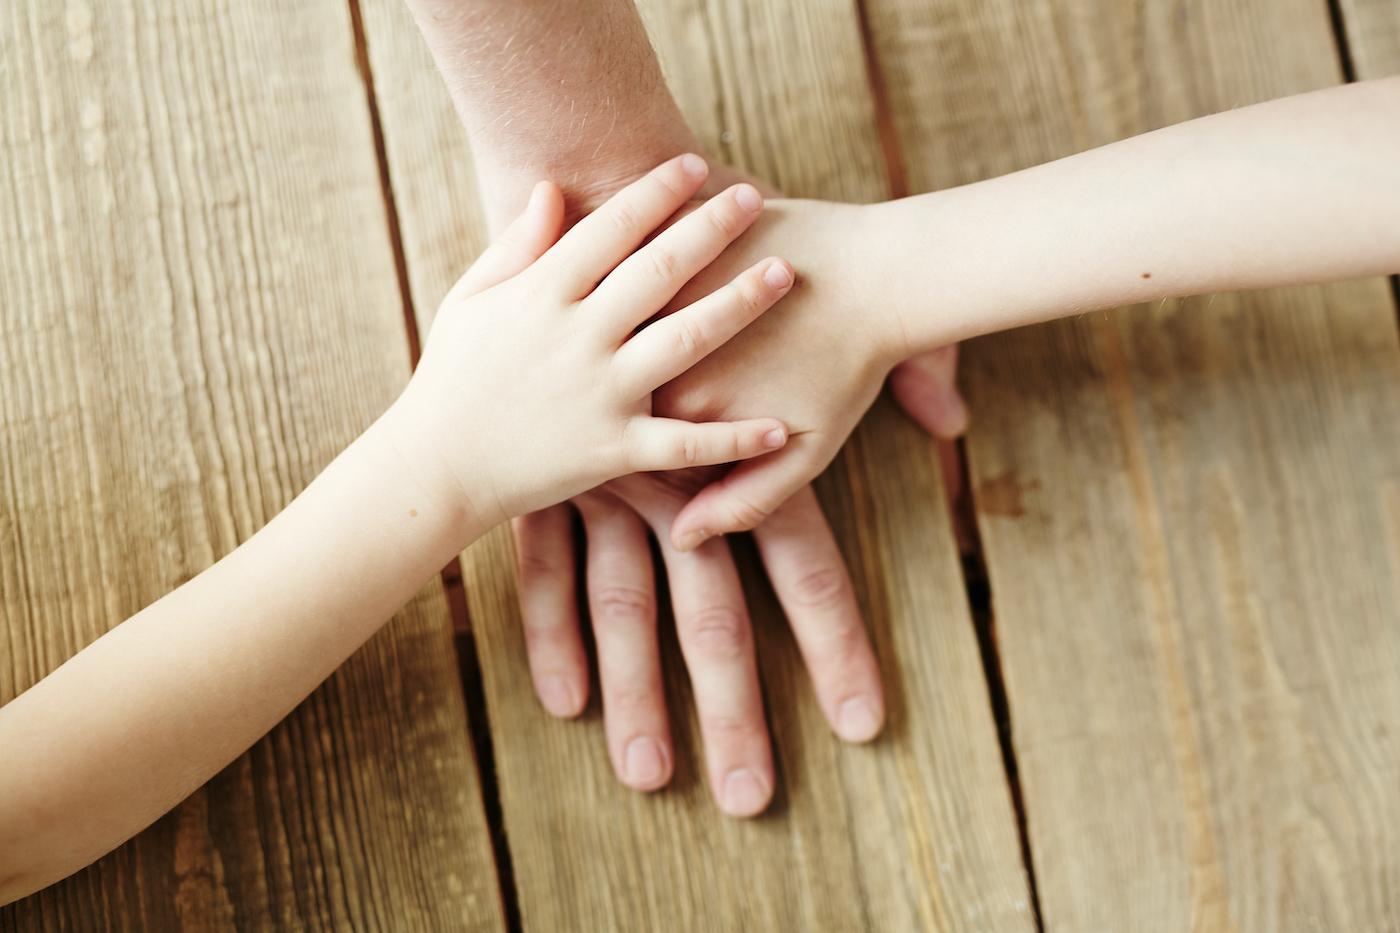 drei Hände treffen sich in der Mitte